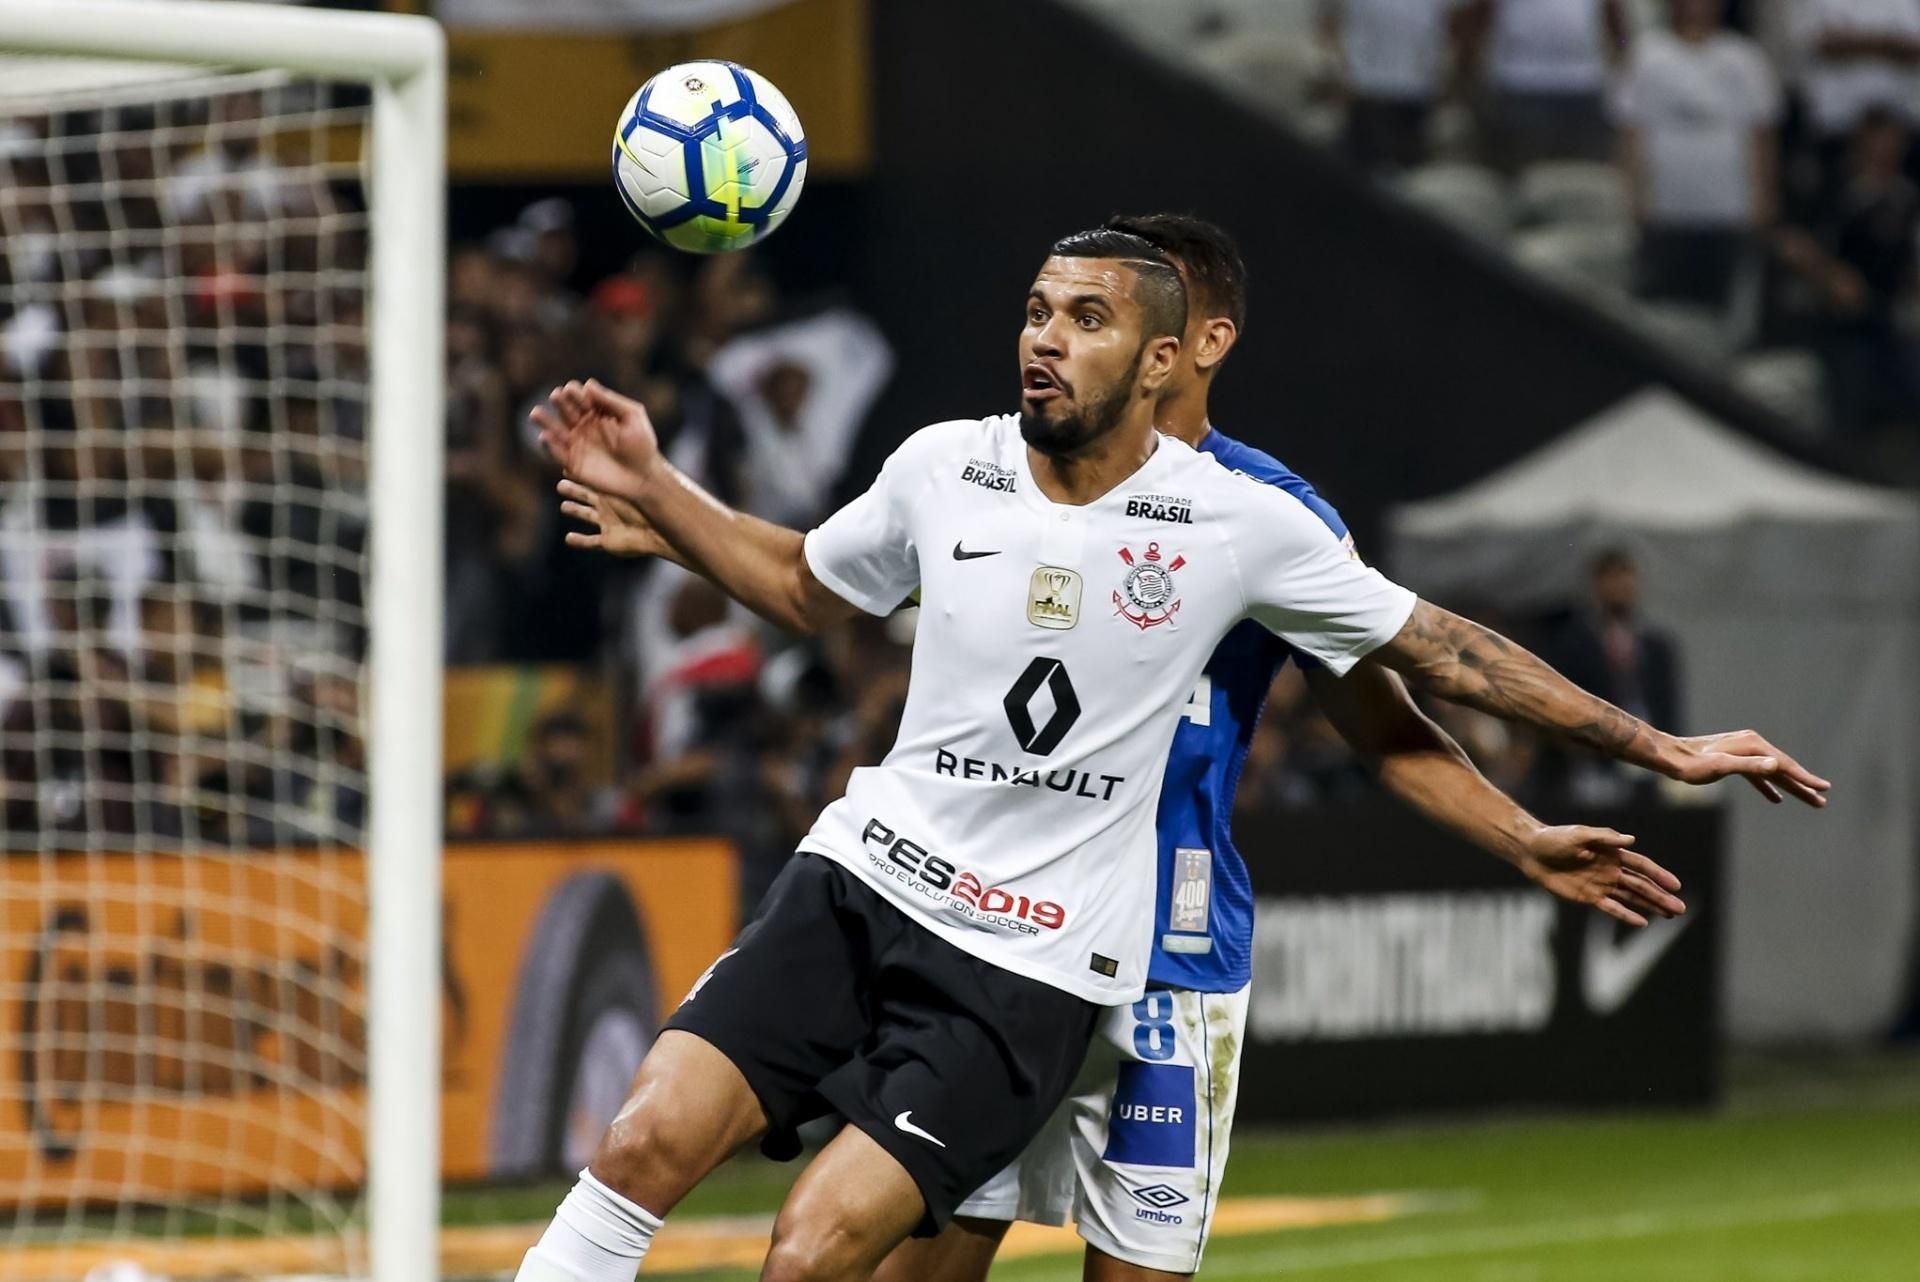 Corinthians trata rebaixamento como realidade após perda de título em casa  - 18 10 2018 - UOL Esporte c91f7fcc8ed92